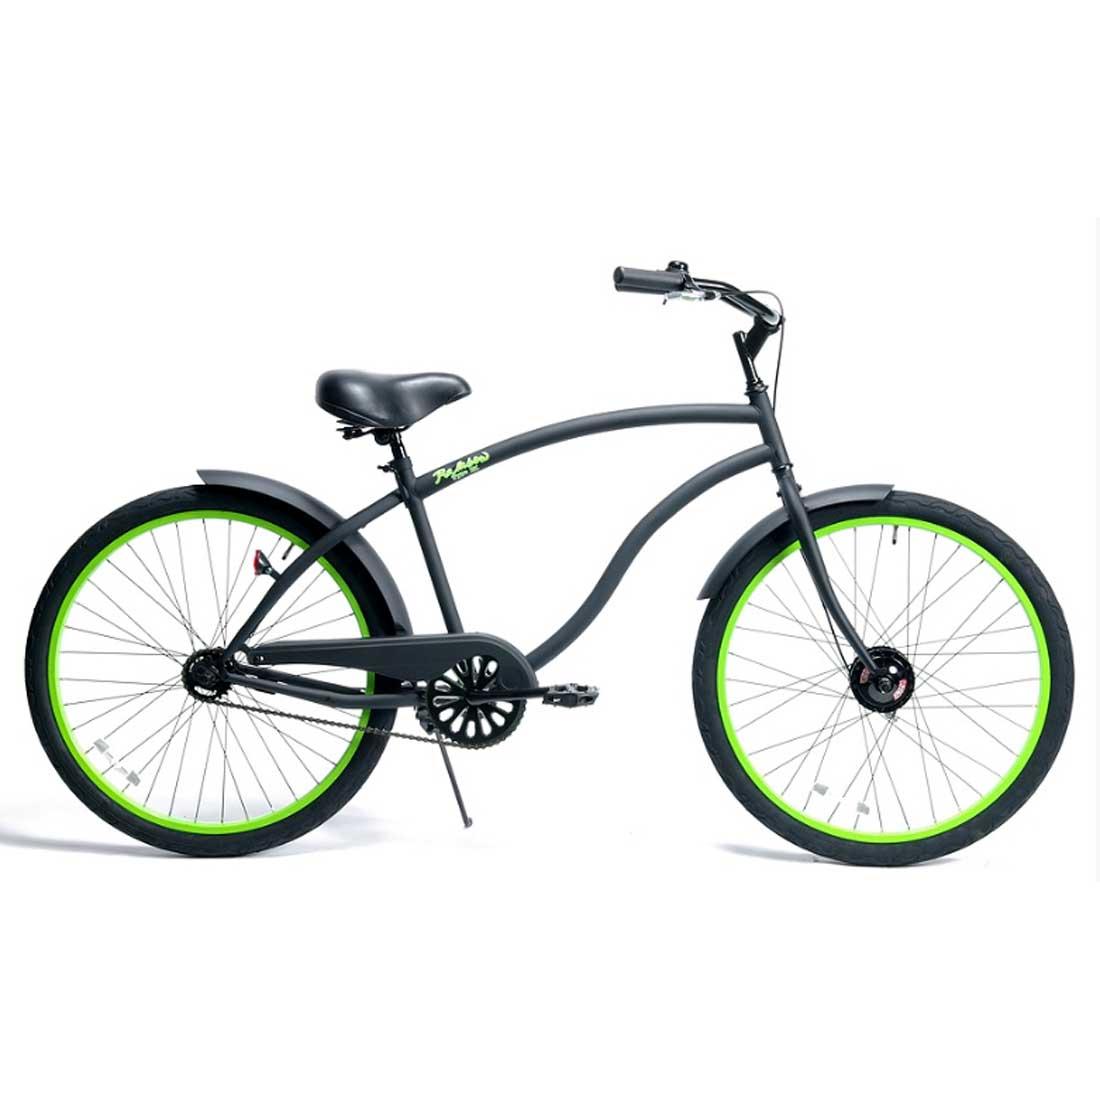 ビーチクルーザー 26インチ おしゃれ 自転車 通勤 通学 レインボービーチクルーザー 26TYPE-X マットブラック×グリーンリム メンズ レディース